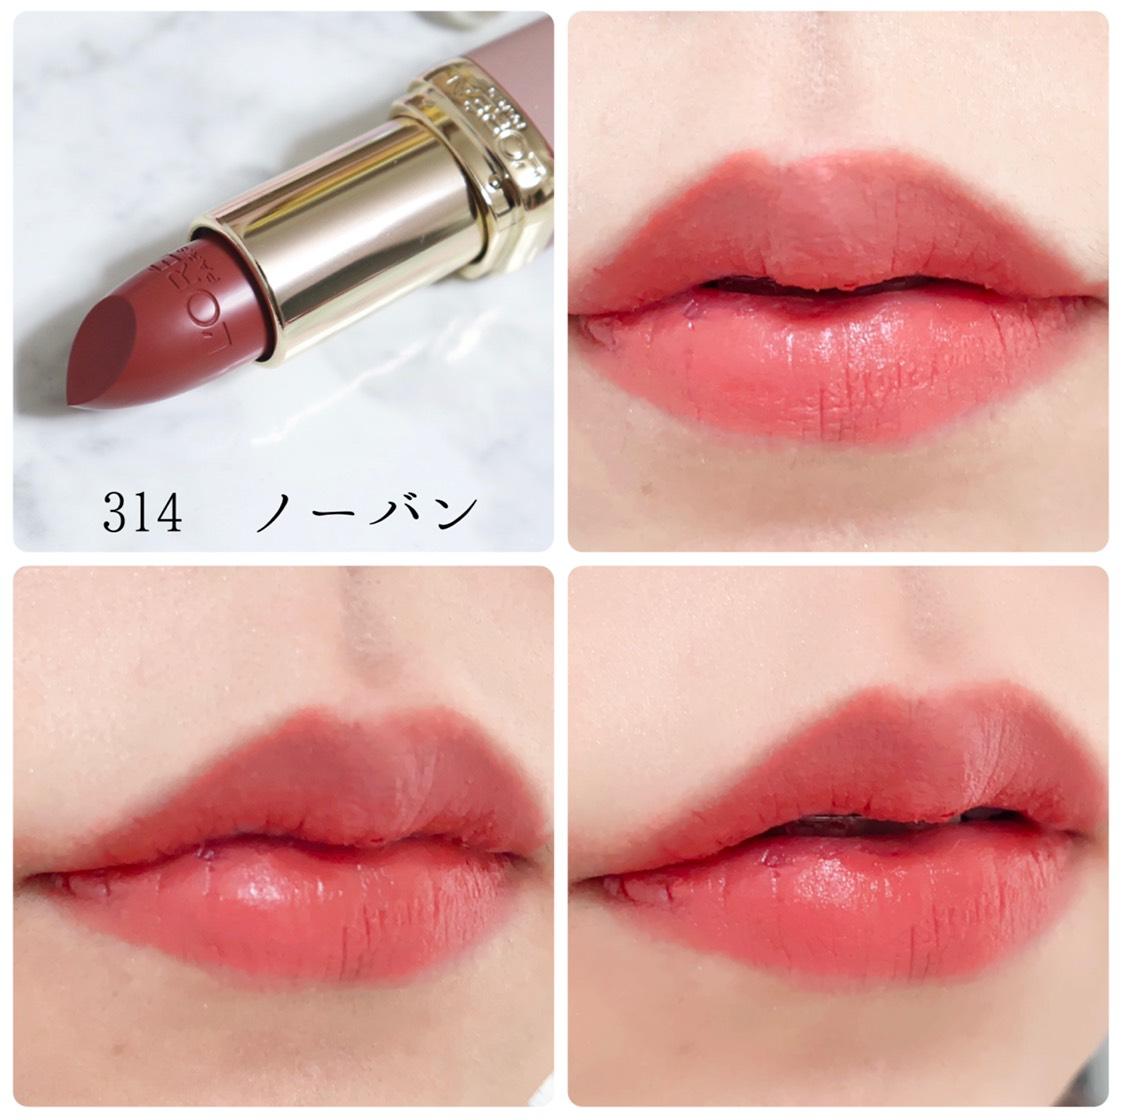 314 ノーバン(イエベ向き) 肌なじみのいいピーチブラウン💗 4本の中では1番普段使いしやすいカラー🙆🏼♀️ ほんのり甘めなピーチピンクを混ぜつつも、ブラウンでトレンド感を出してくれるようなリップ✨ 唇にすーっと馴染んでくれるようなカラーです😶